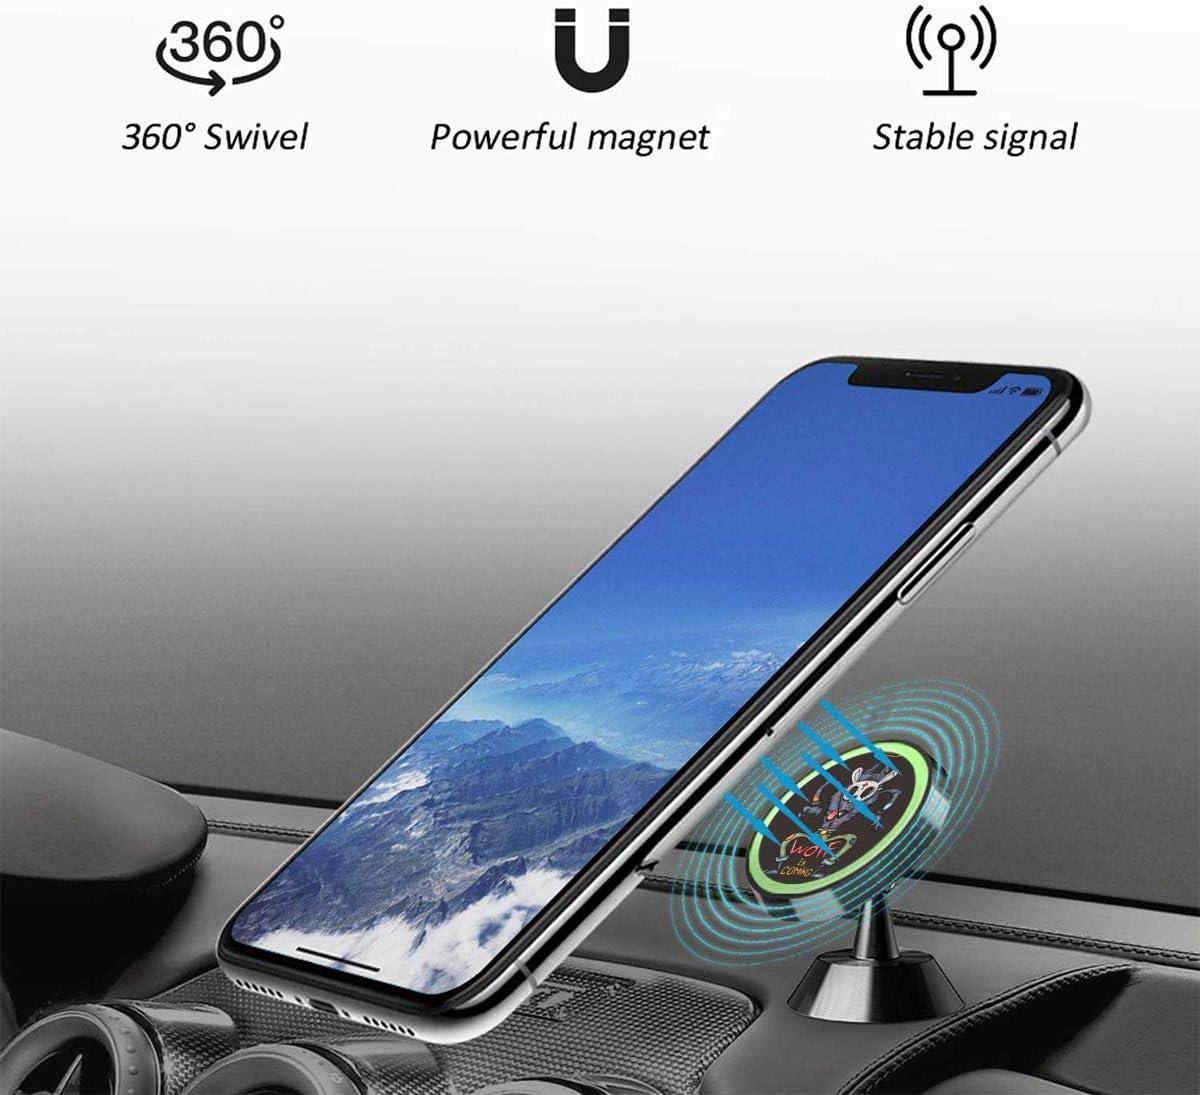 XCOZU Soporte magnético para teléfono Celular, diseño de Lobo gángster de Dibujos Animados, Soporte para teléfono de Coche Giratorio de 360 Grados, Compatible con Todos los Smartphones: Amazon.es: Electrónica